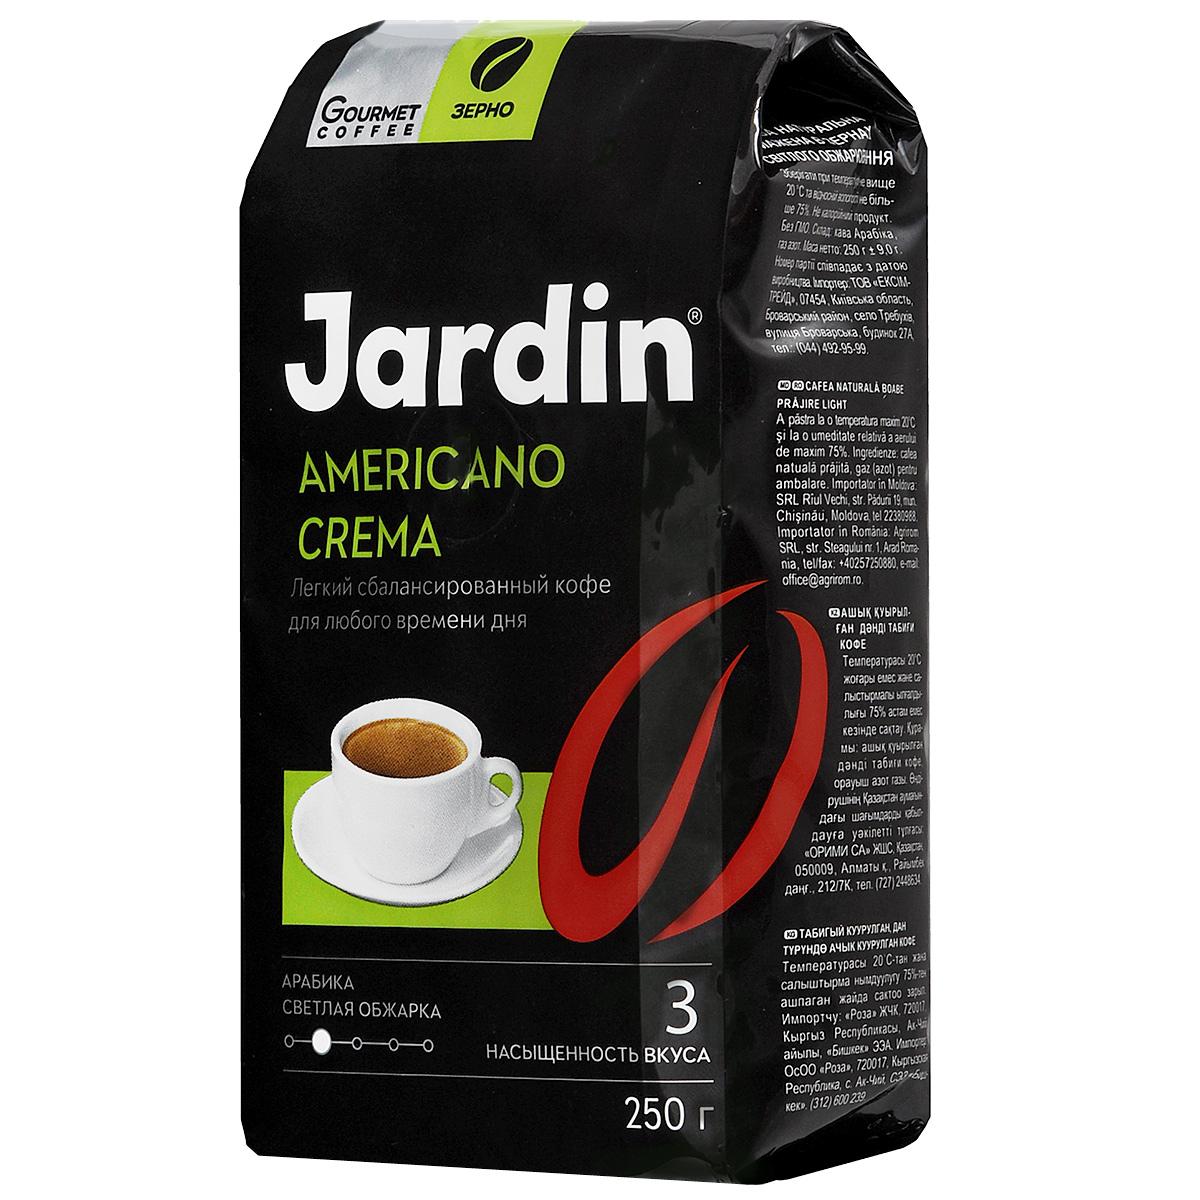 Jardin Crema кофе в зернах, 250 г0552-20-НЛегкий сбалансированный кофе Jardin Americano Crema можно заваривать прямо в чашке. Отличное дополнение любого дня с утра до самого вечера.